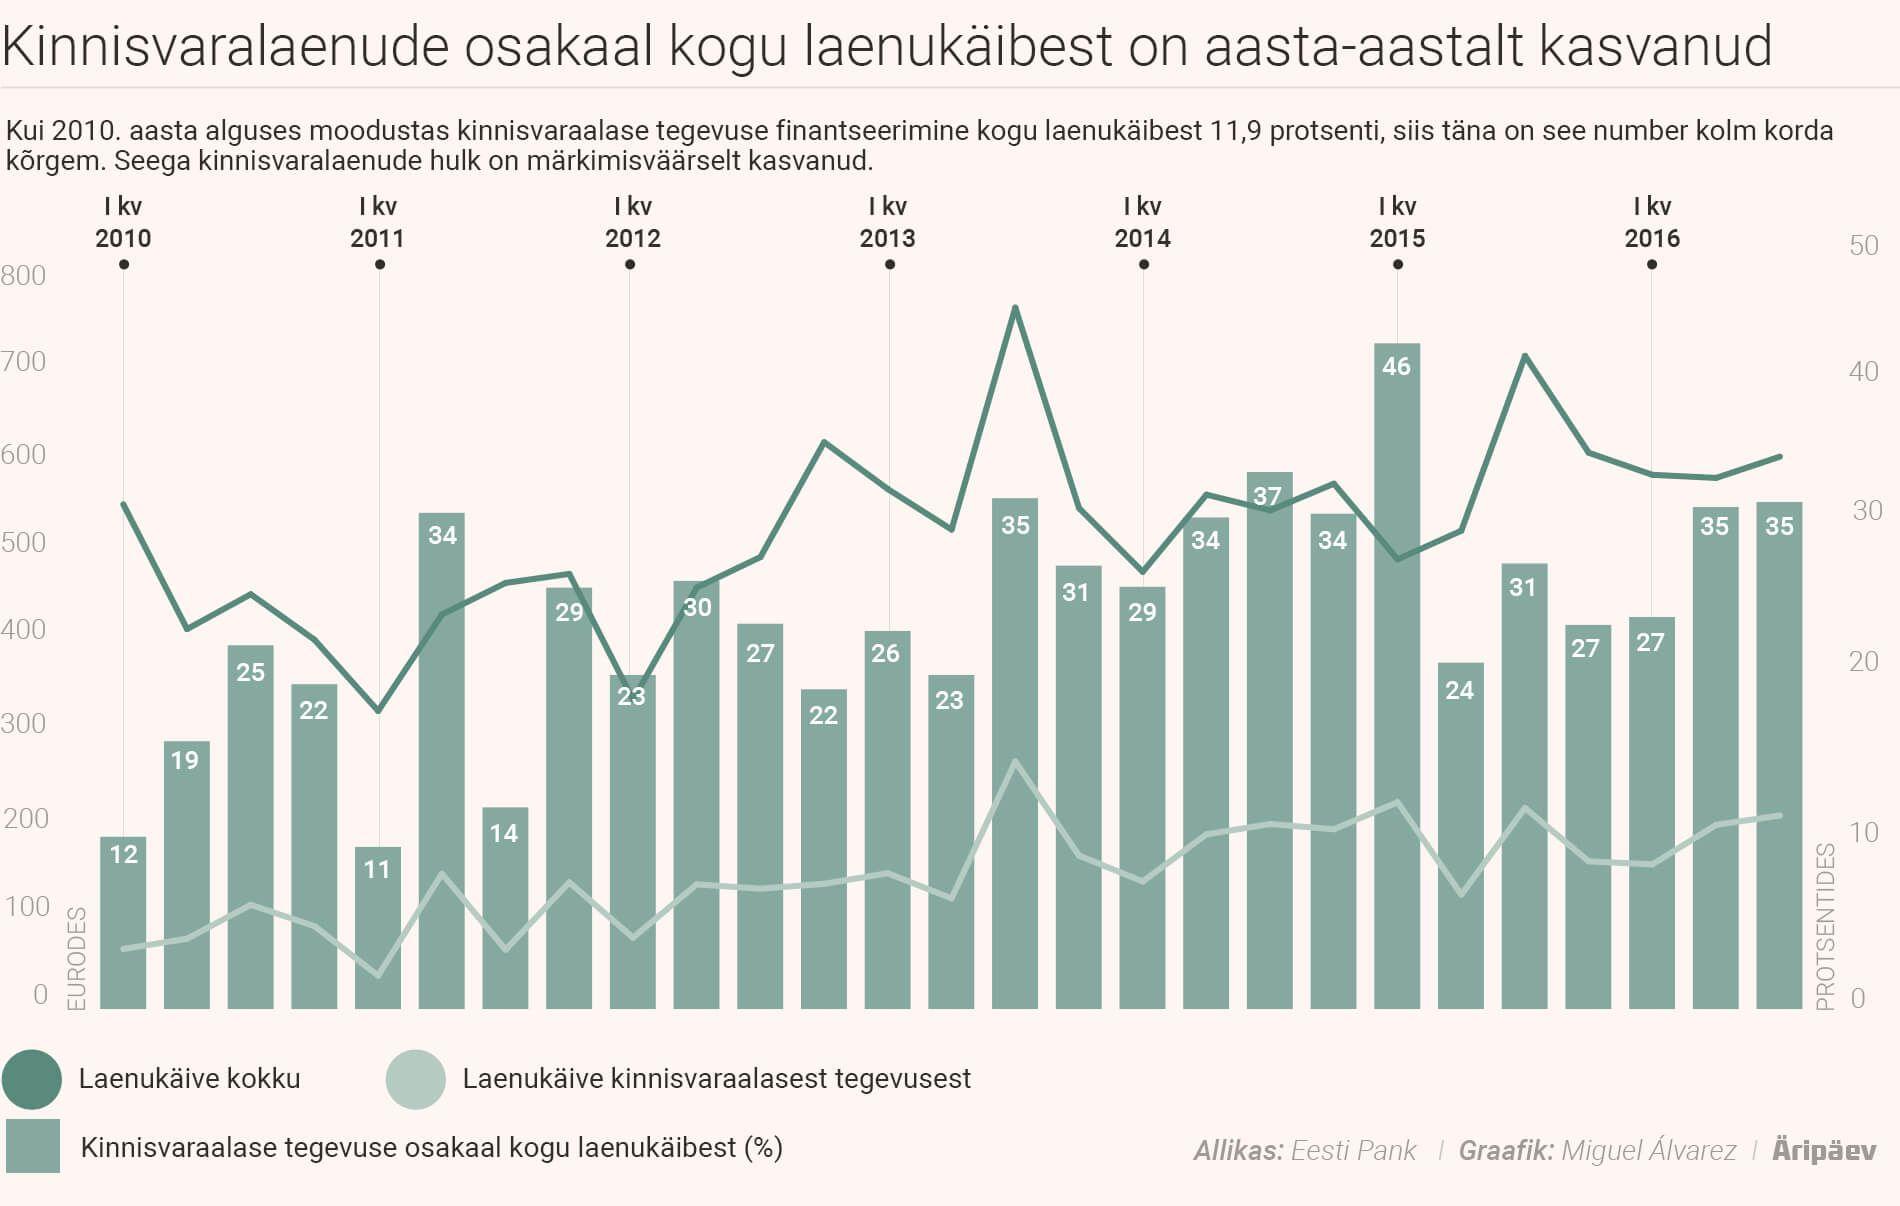 Kinnisvaralaenude osakaal kogu laenukäibest on aasta aastalt kasvanud.